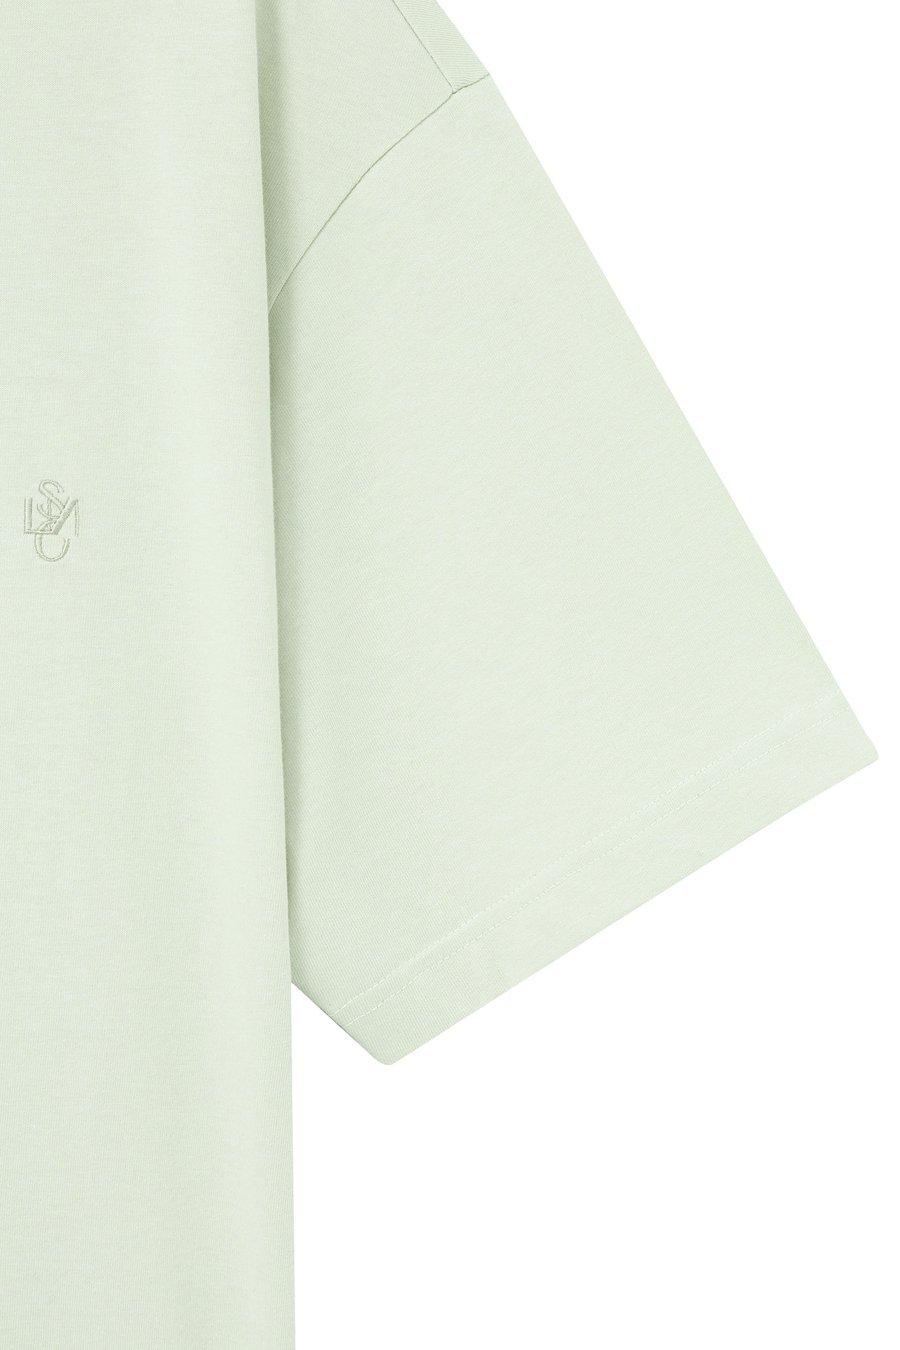 인사일런스(IN SILENCE) 엠브로이더리 로고 티셔츠 PASTEL MINT